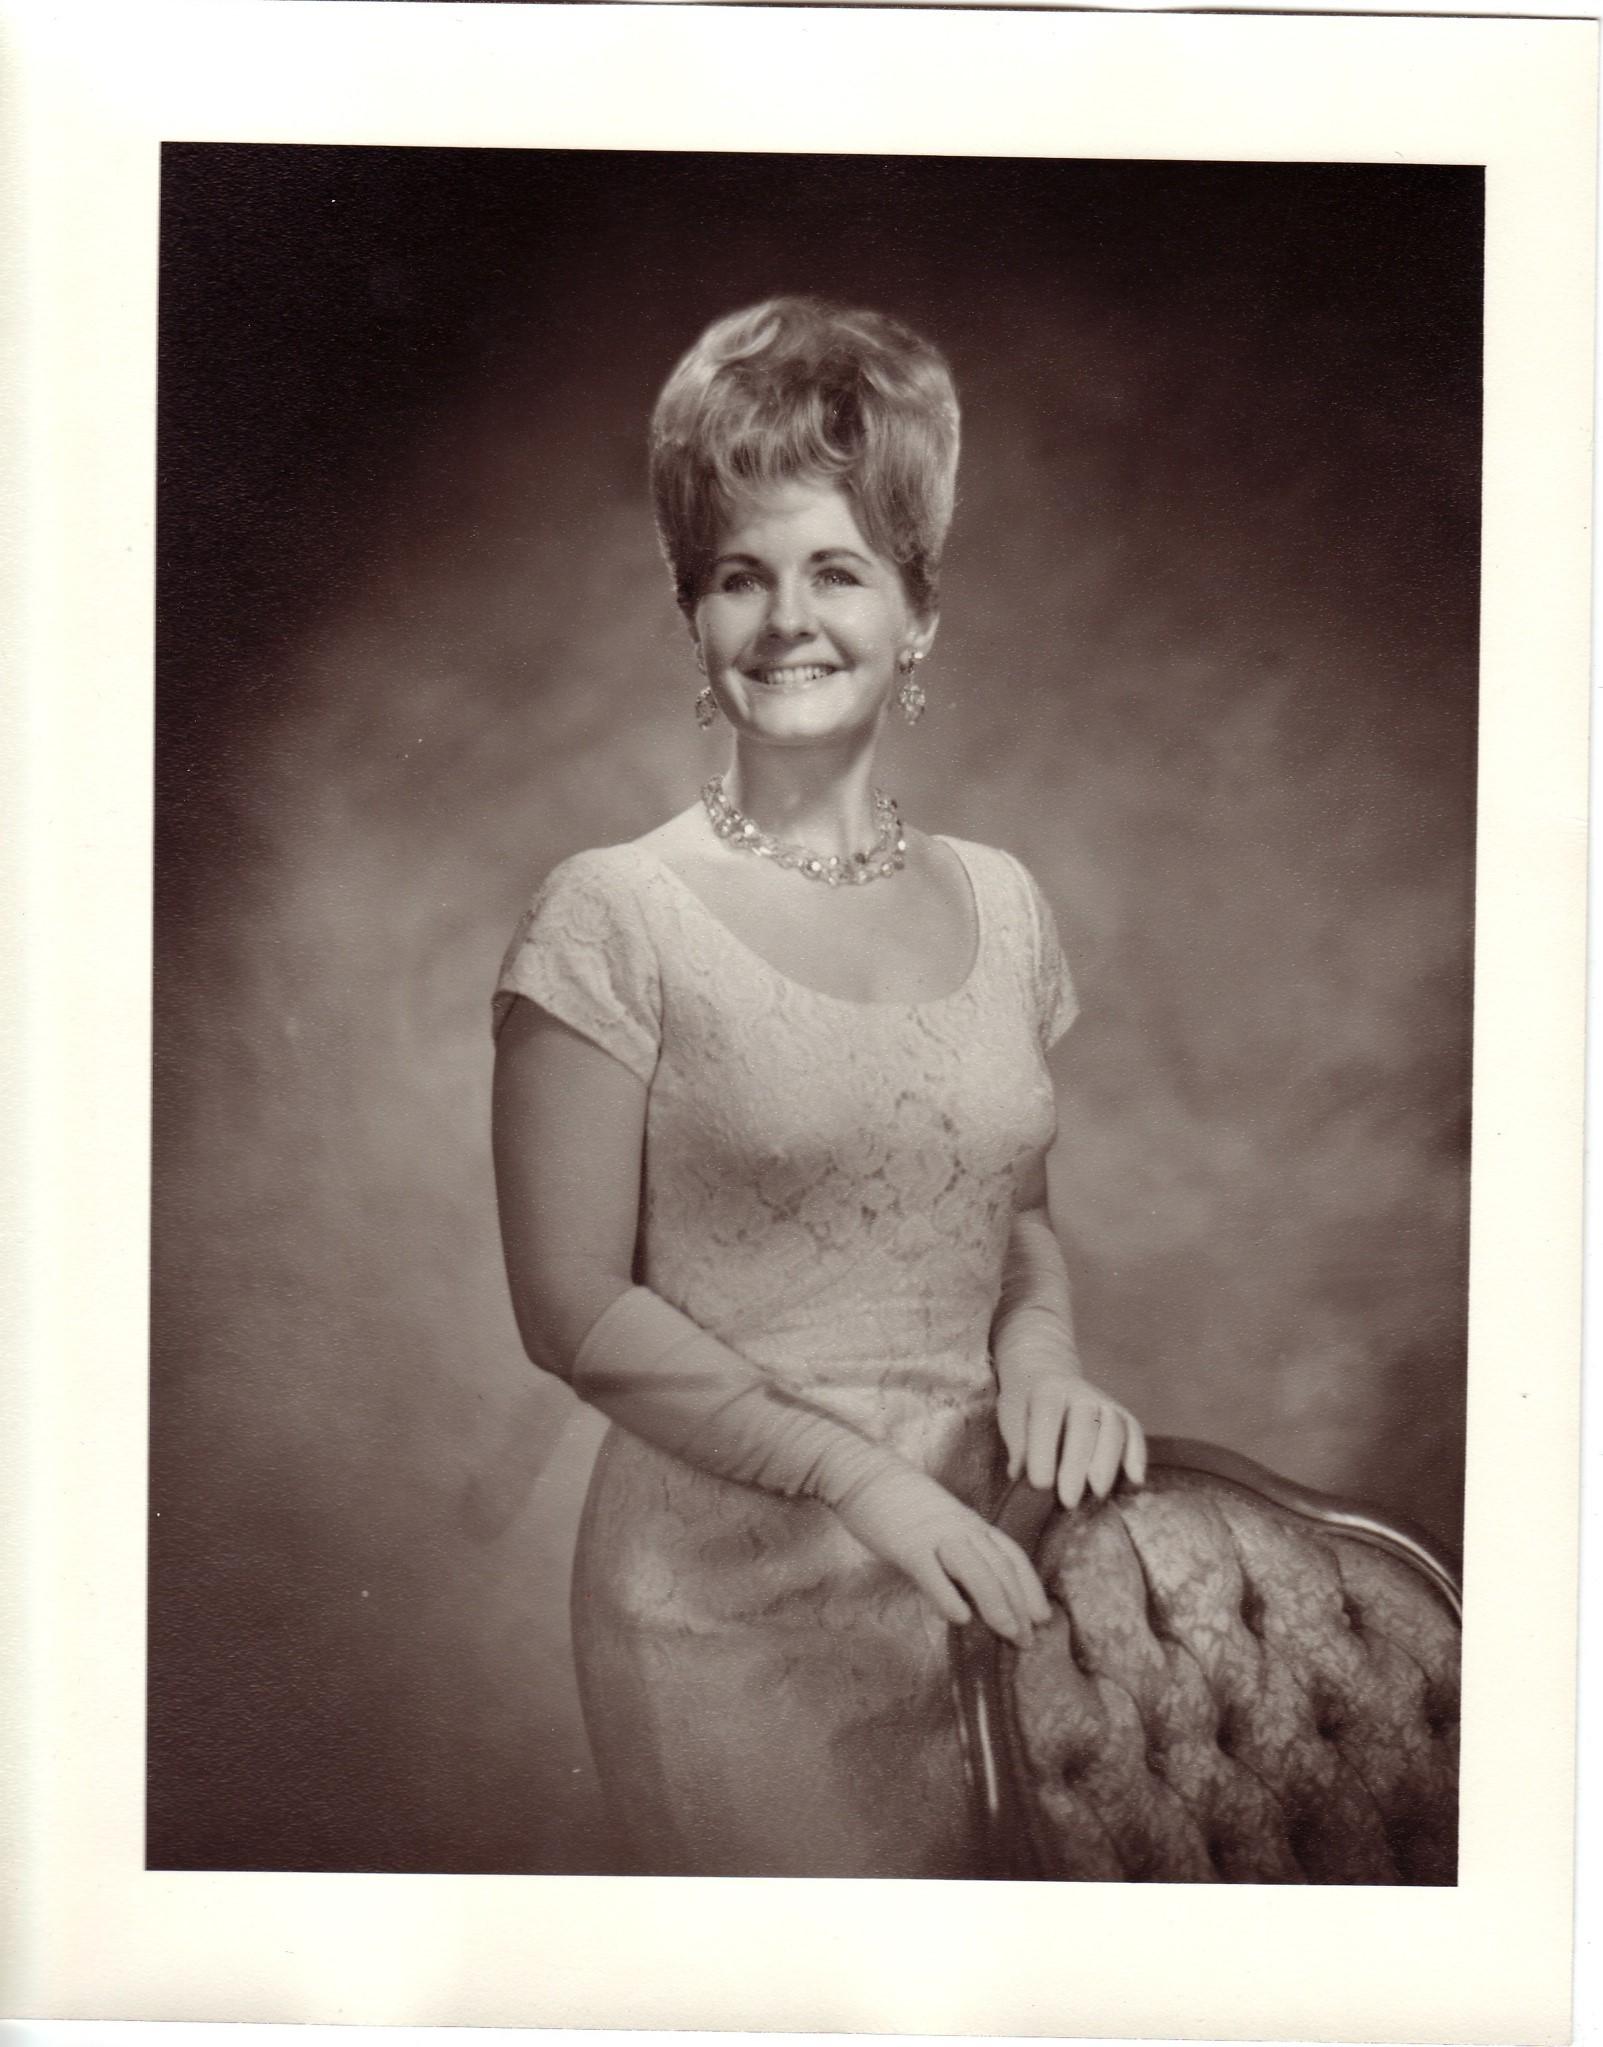 Sister Barbara Bowen Ballard, 1932-2018